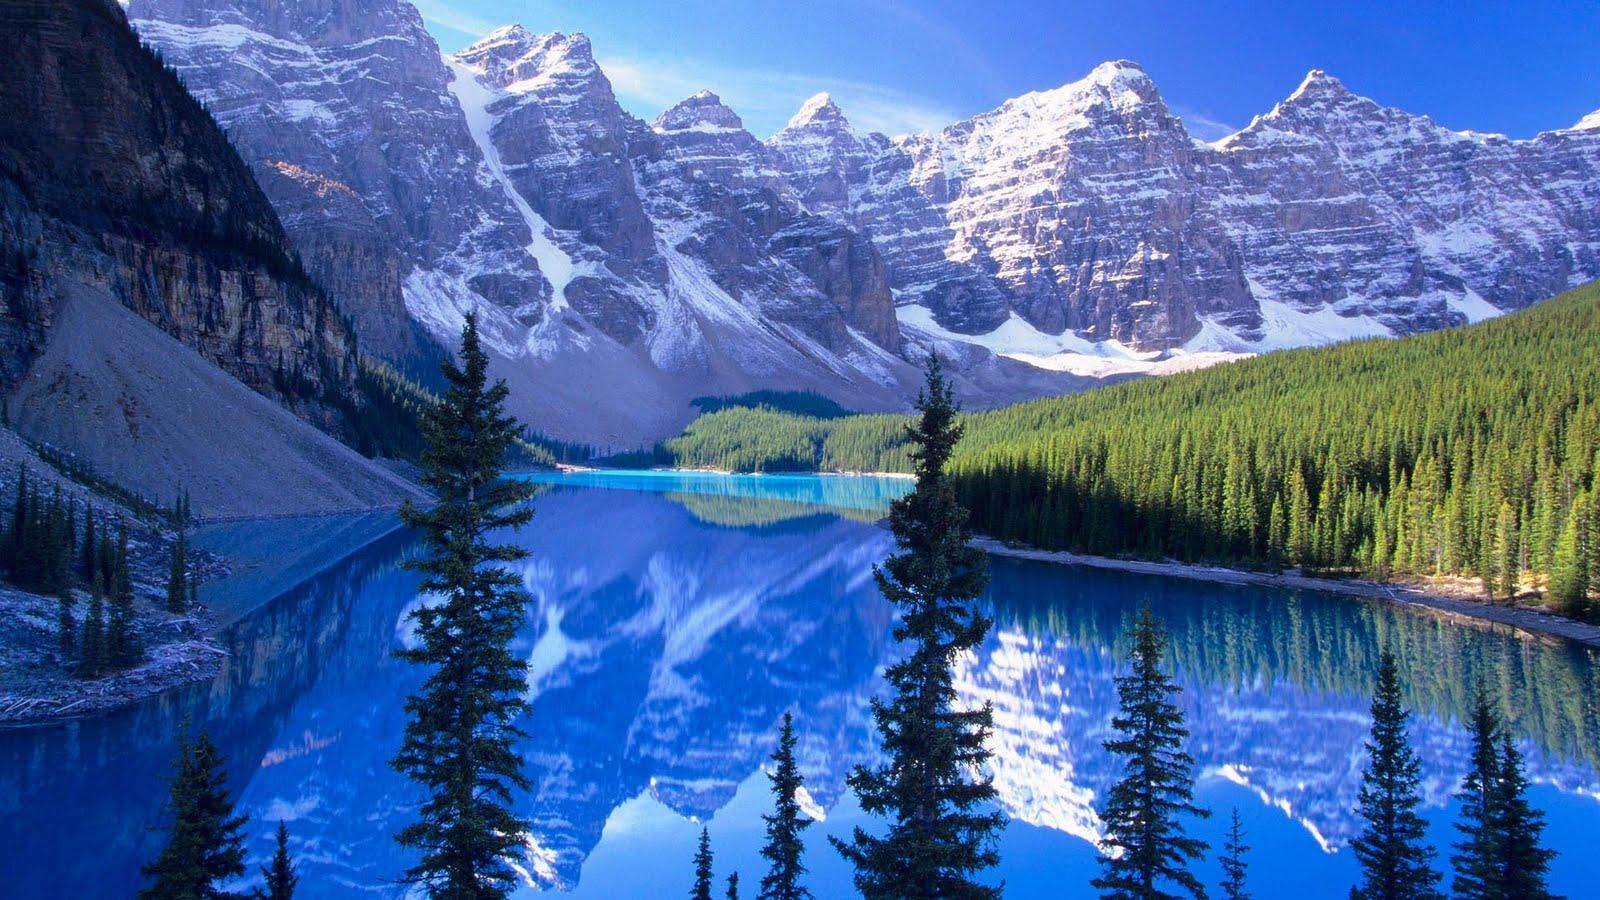 Imagenes De Paisajes Hermosos Para Descargar - Fotos de paisajes naturales Ecología Verde